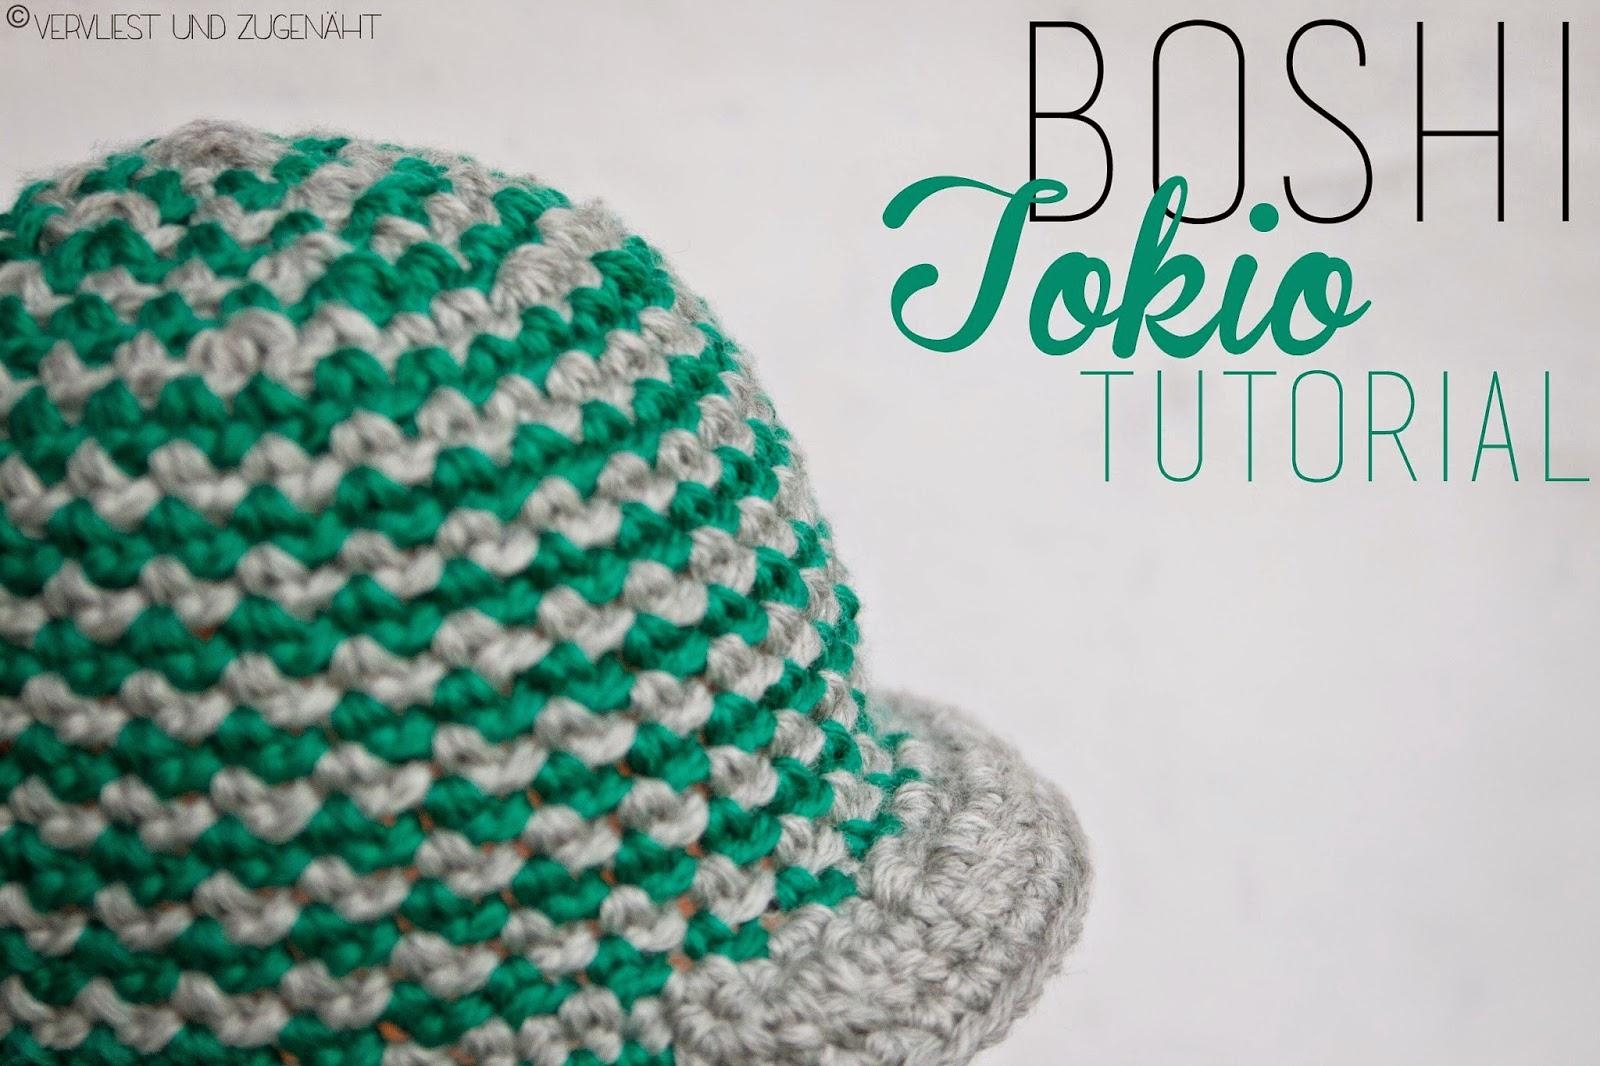 http://vervliestundzugenaeht.blogspot.de/2014/11/boshi-tokio-tutorial.html